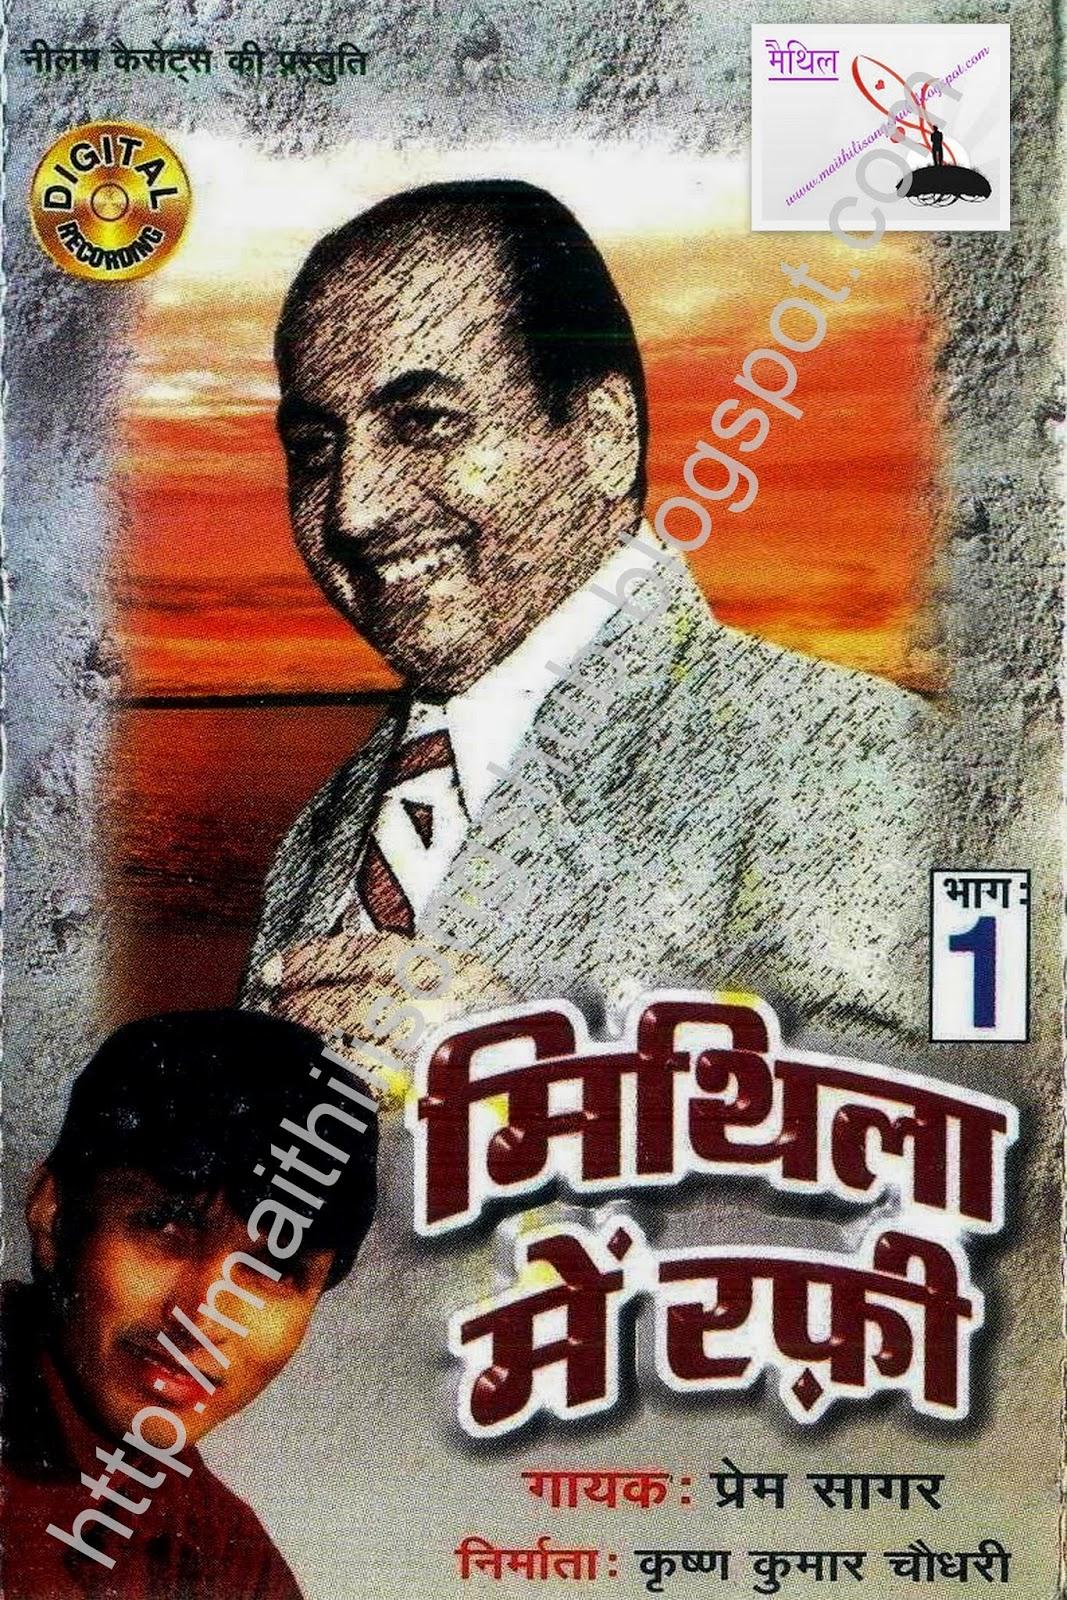 Mithia Mein Rafi (Vol. 1) - Prem Sagar, Preeti, Yogita, Sabiya Khan, Divyani